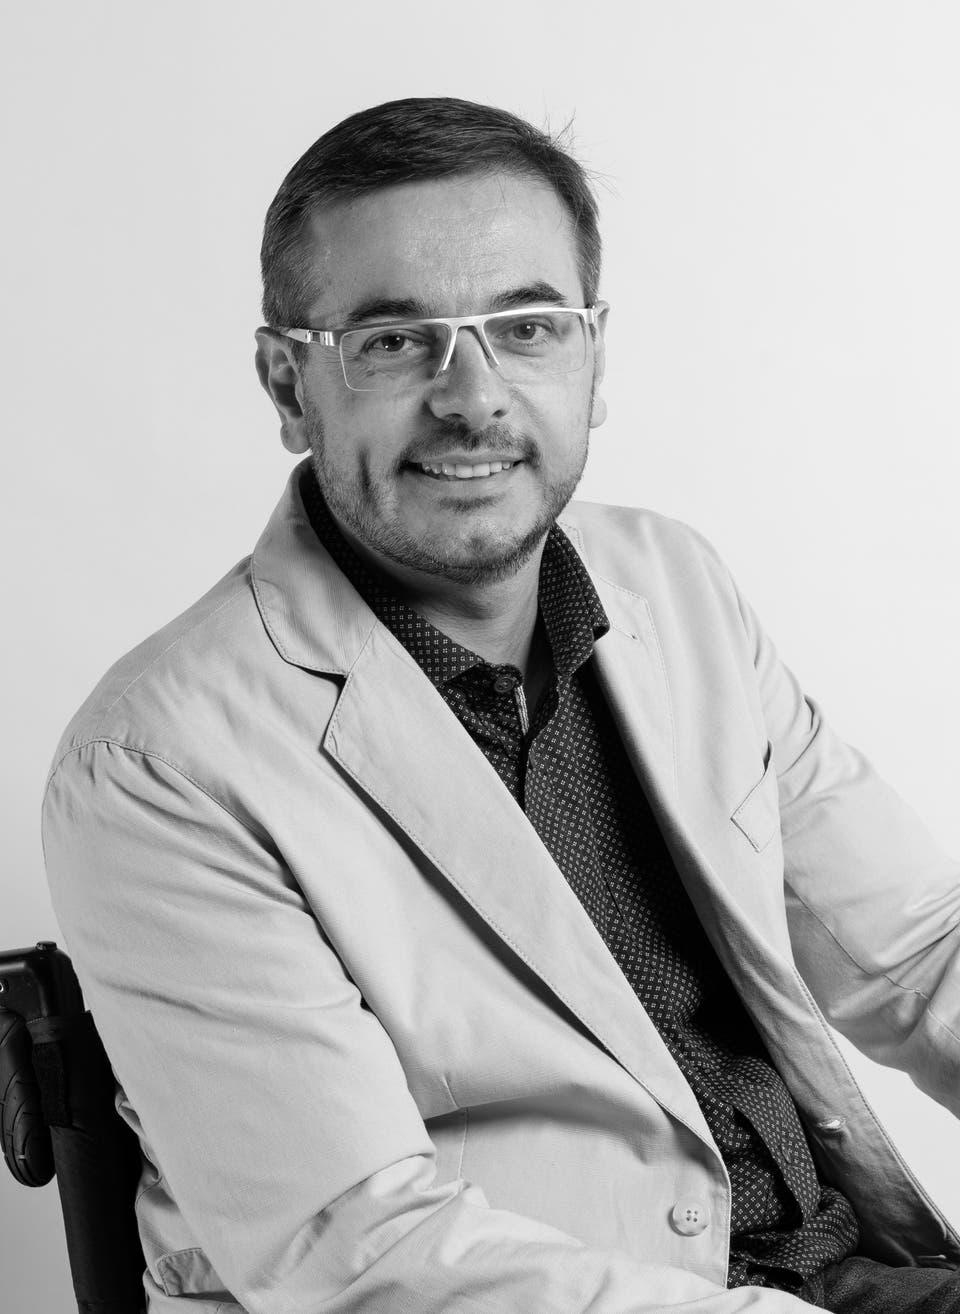 VP de PMO e Tecnologia da Dentsu Aegis Network Brasil